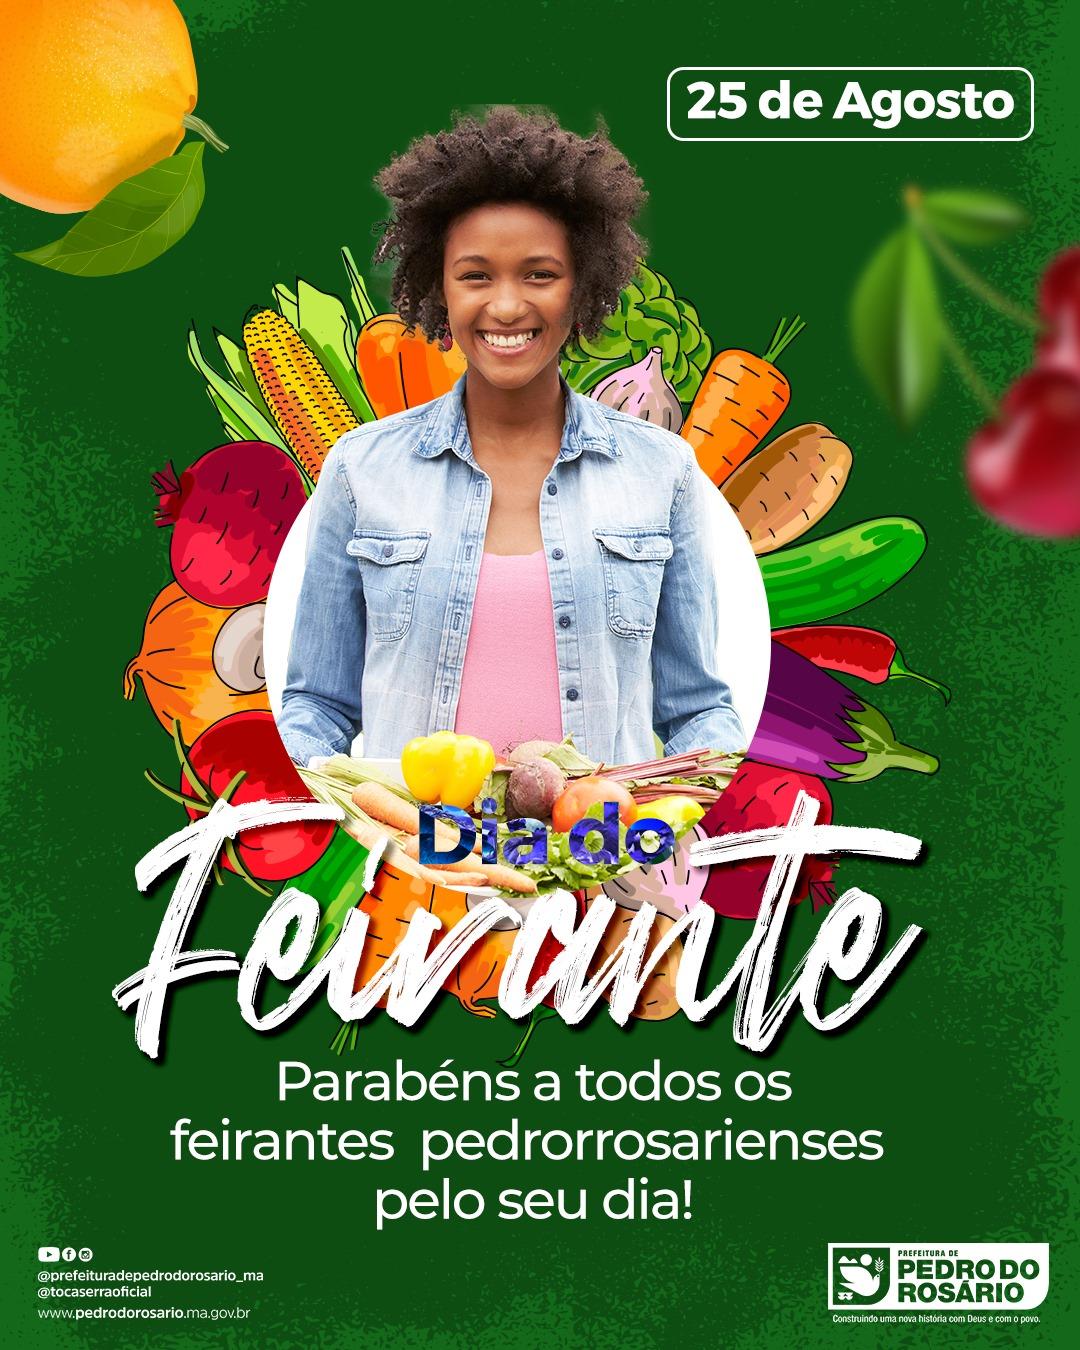 Dia de homenagear os feirantes que estão espalhados por todo o território brasileiro